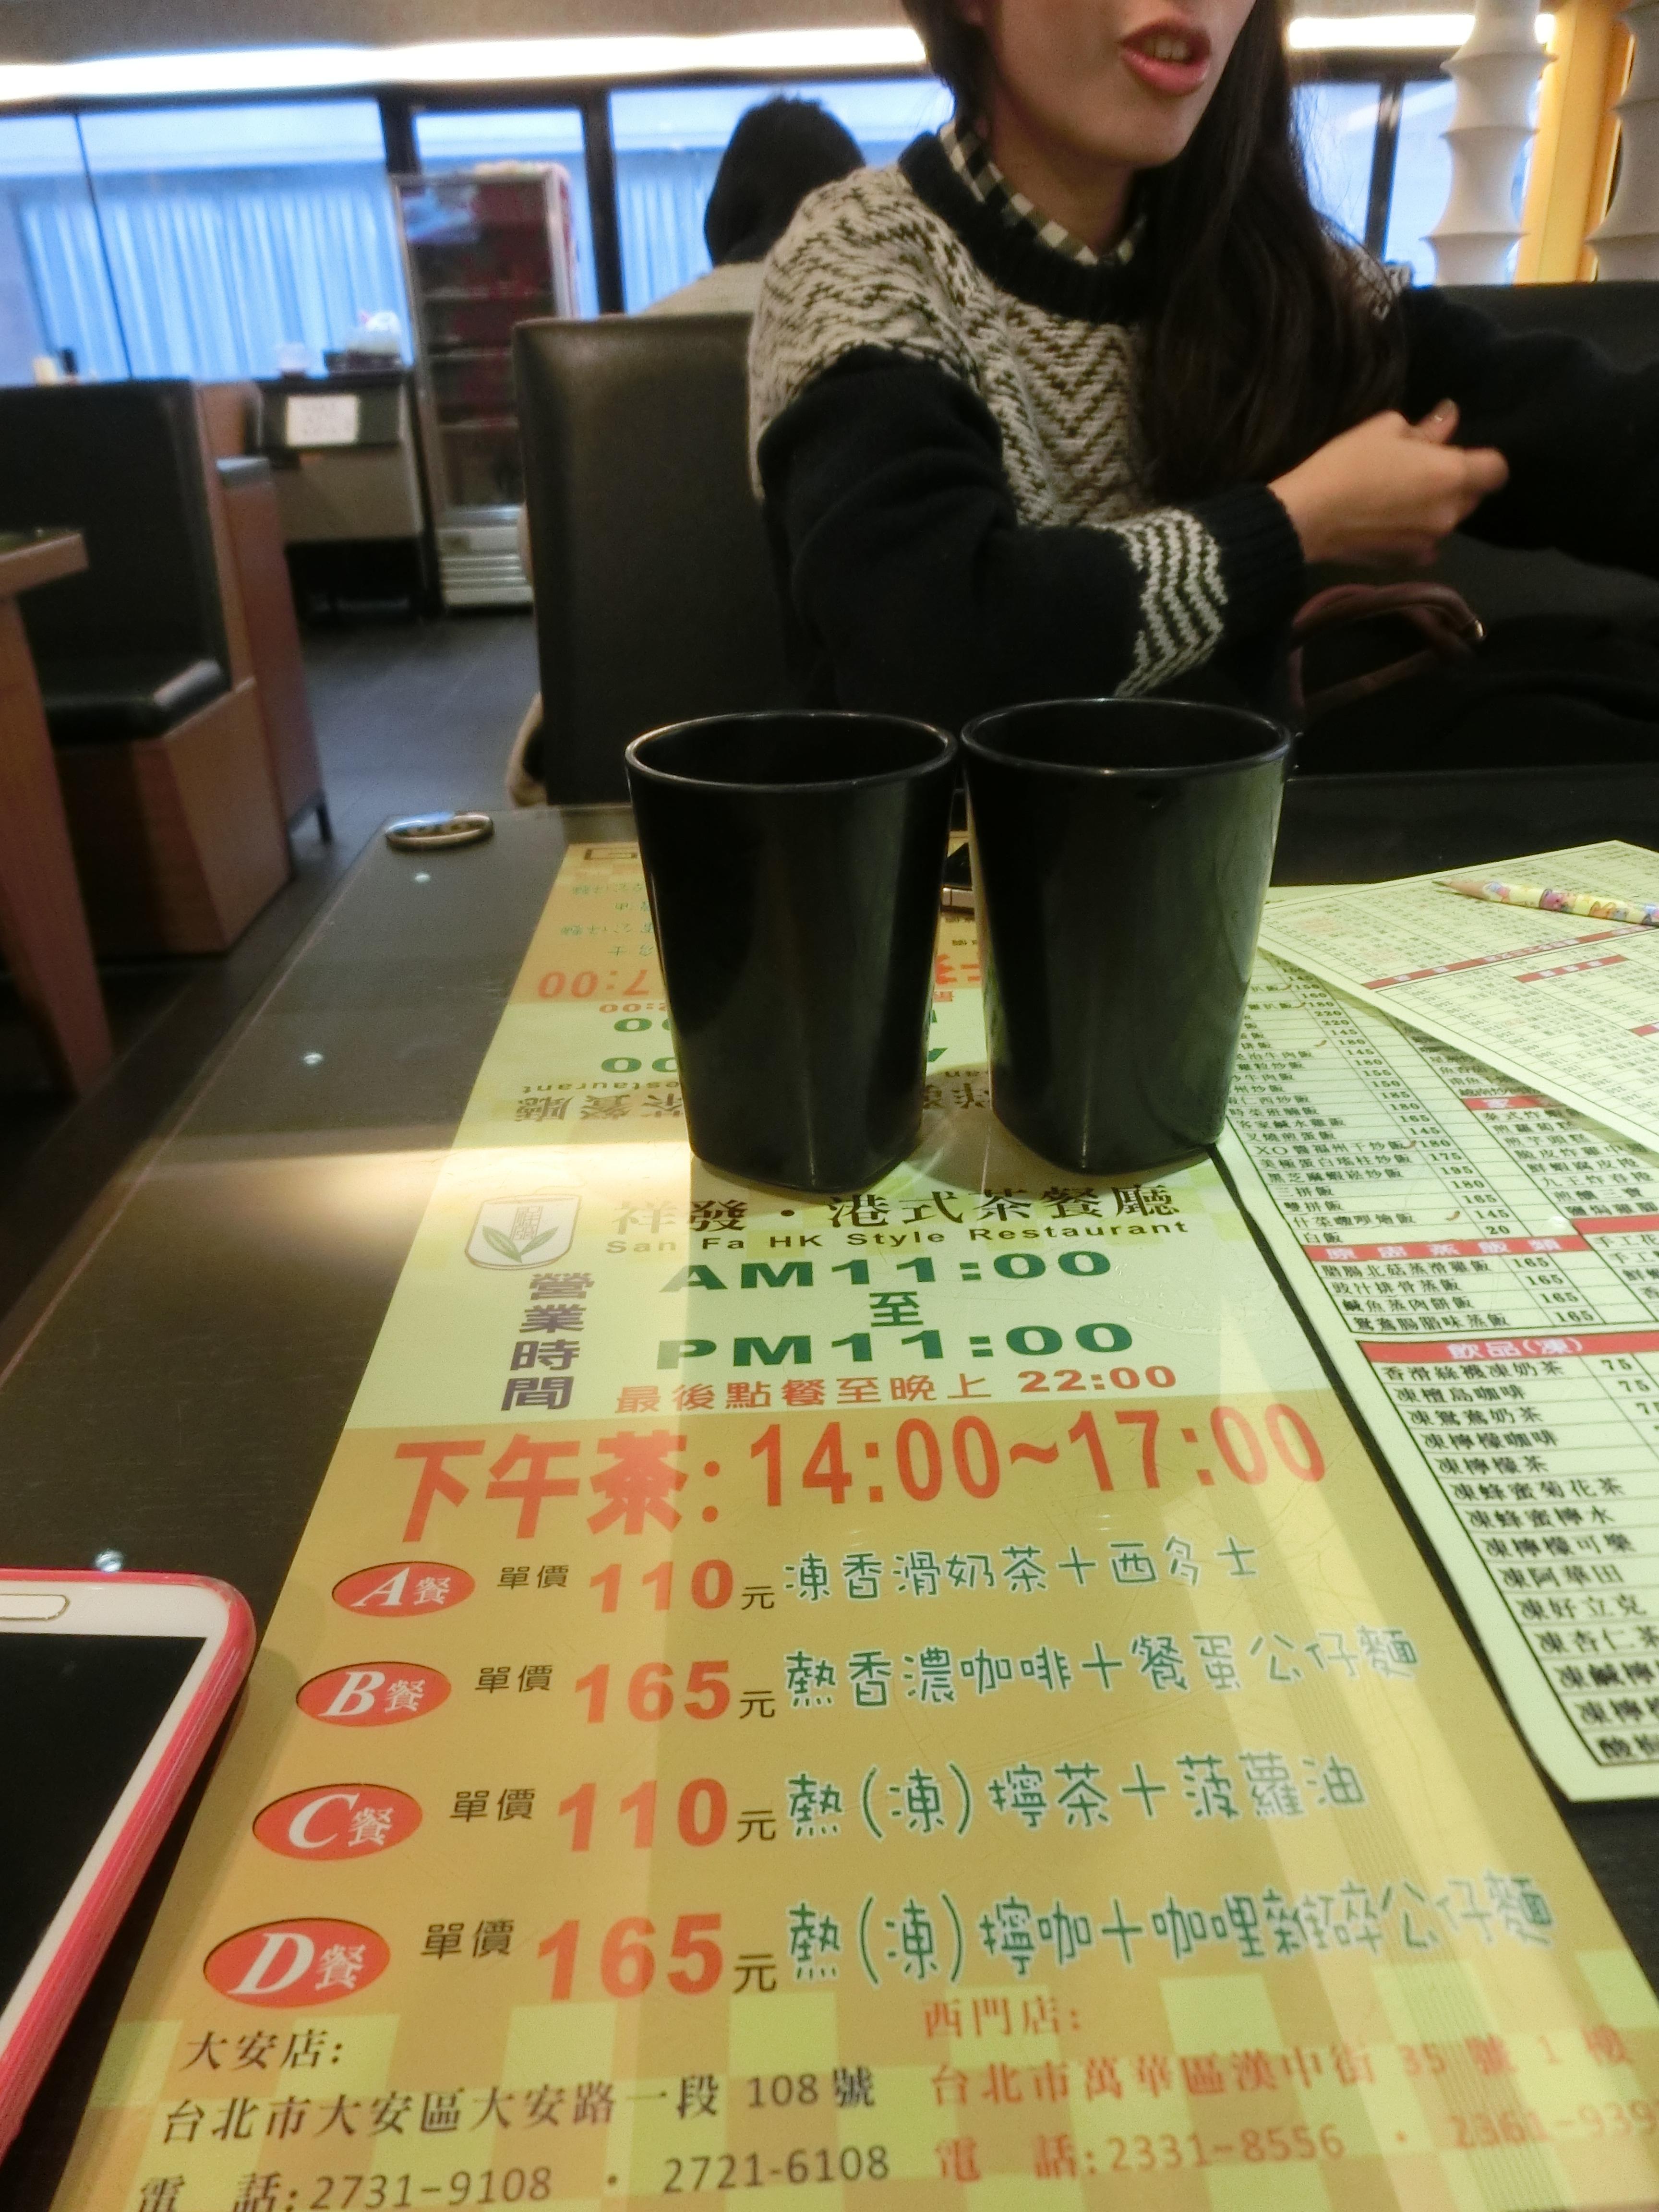 [飛天柒柒]祥發茶餐廳下午茶食記 | 吳氏三姊妹